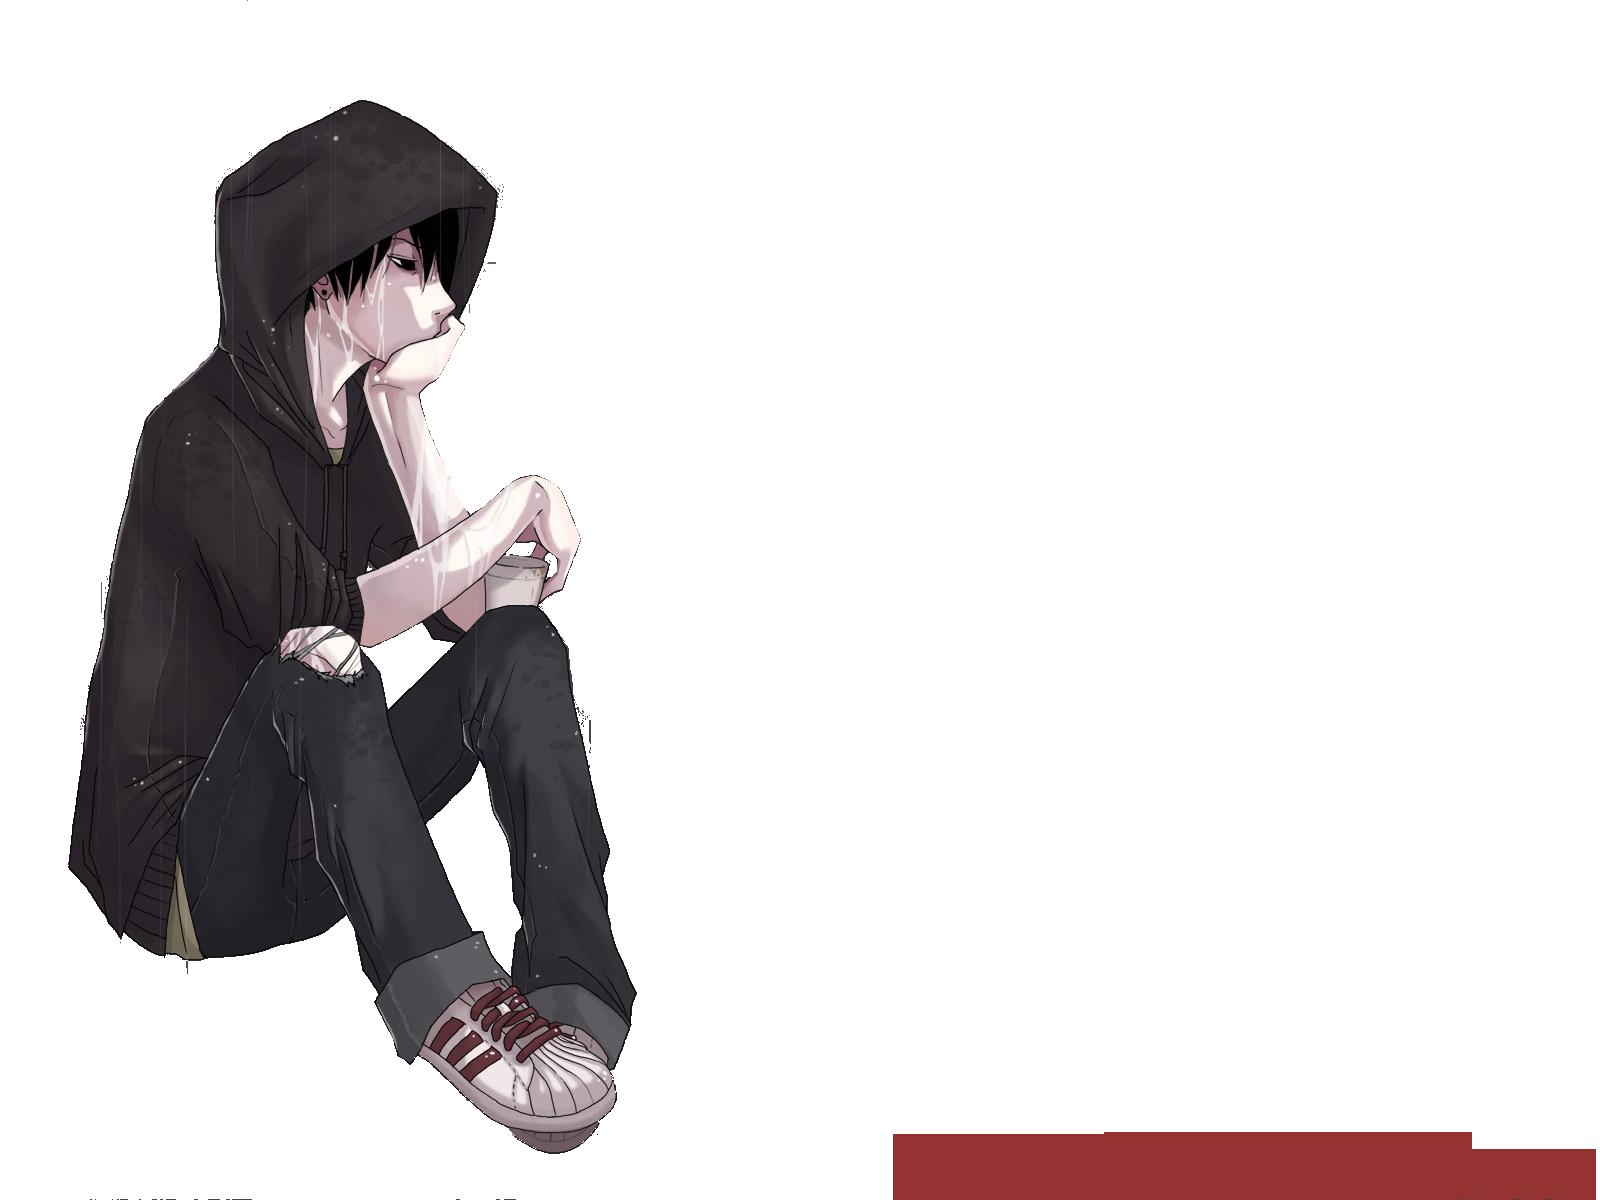 Sad Boy Render By Ruimei On DeviantArt